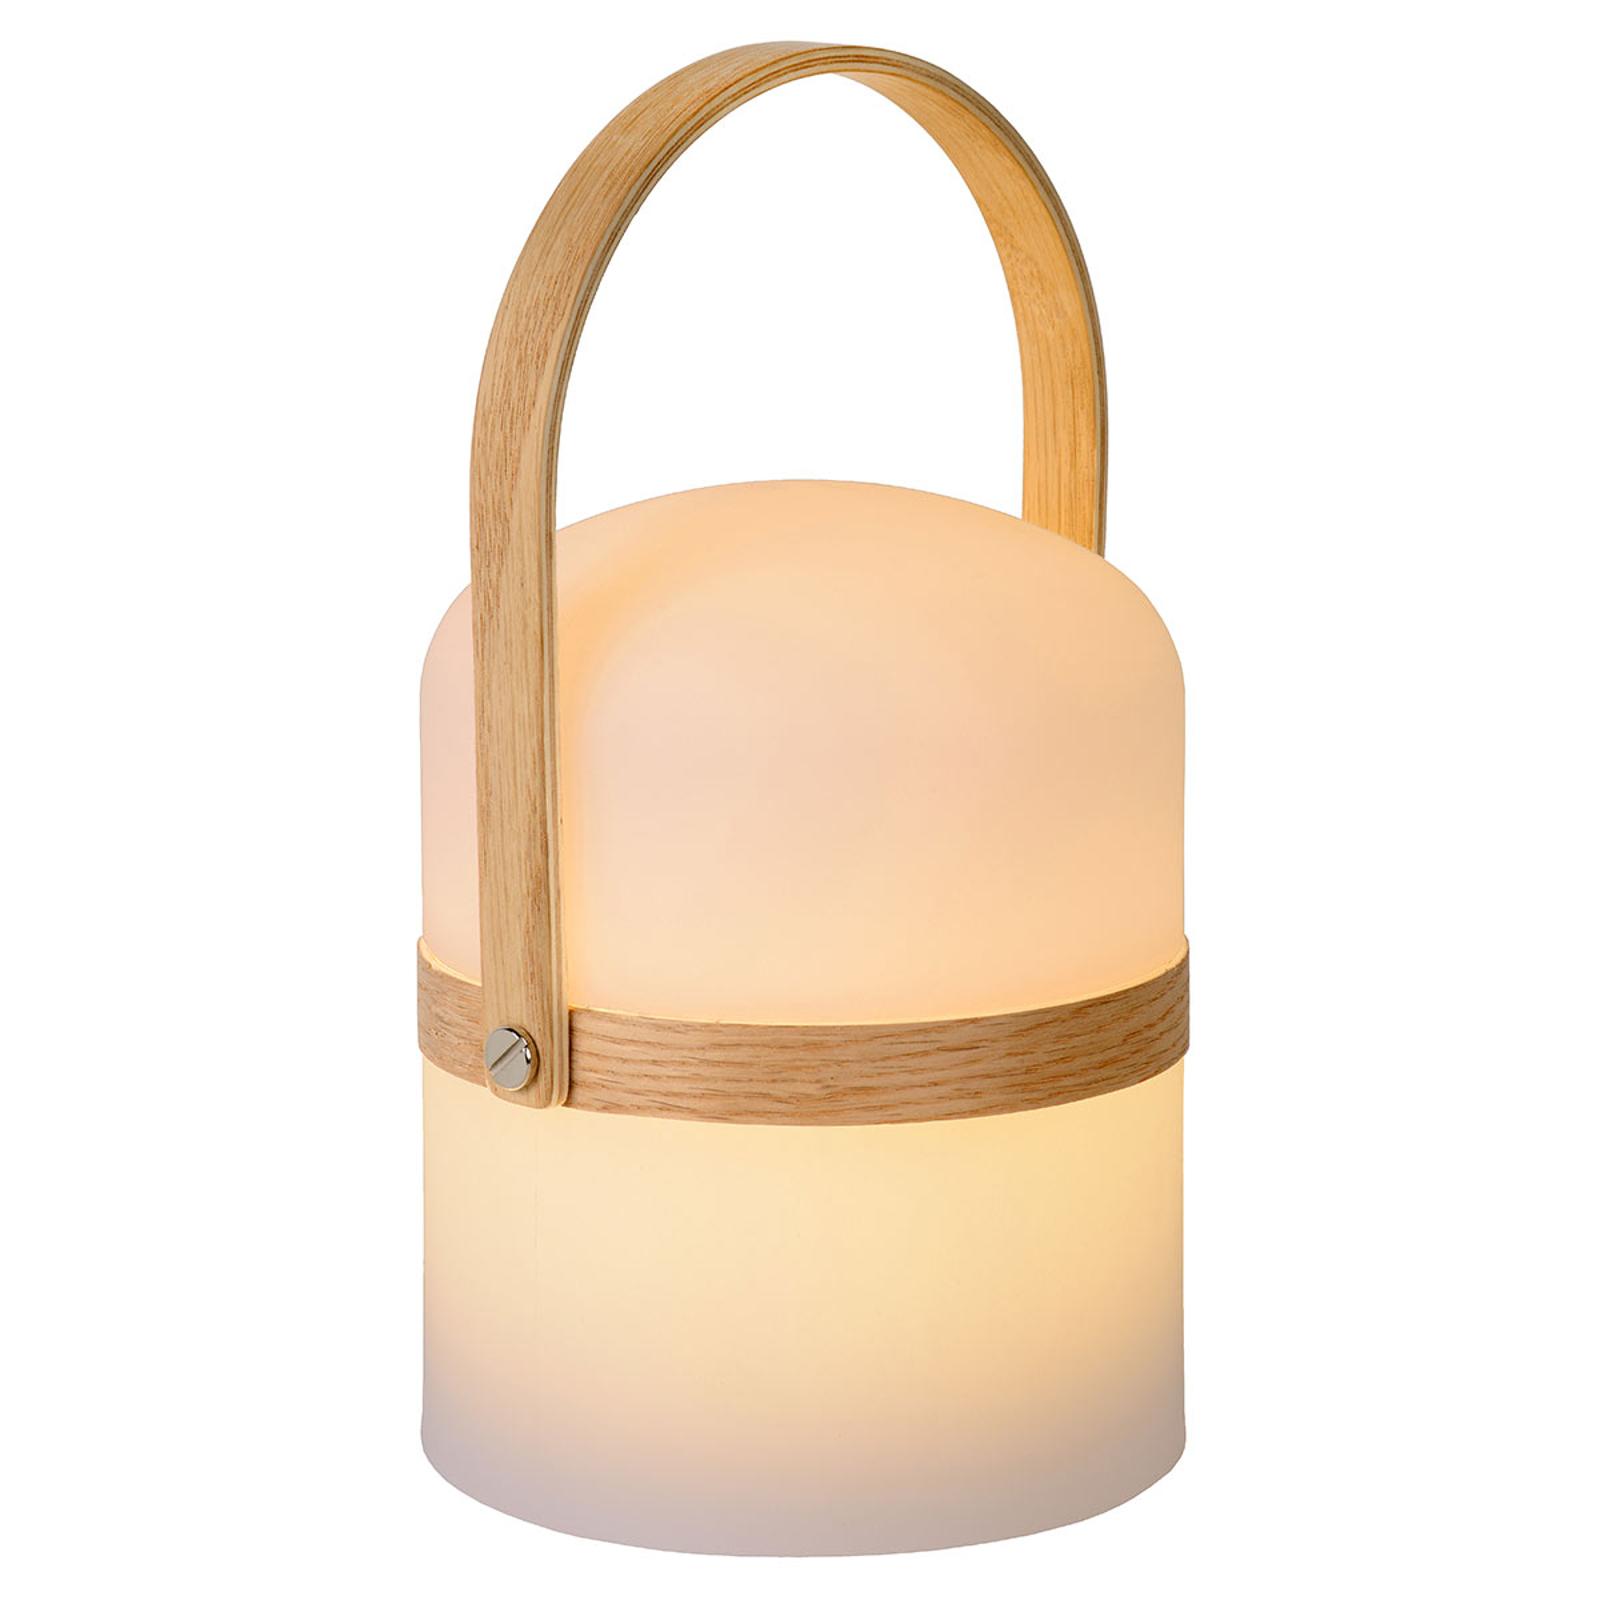 Draagbare LED tafellamp Joe voor binnen en buiten